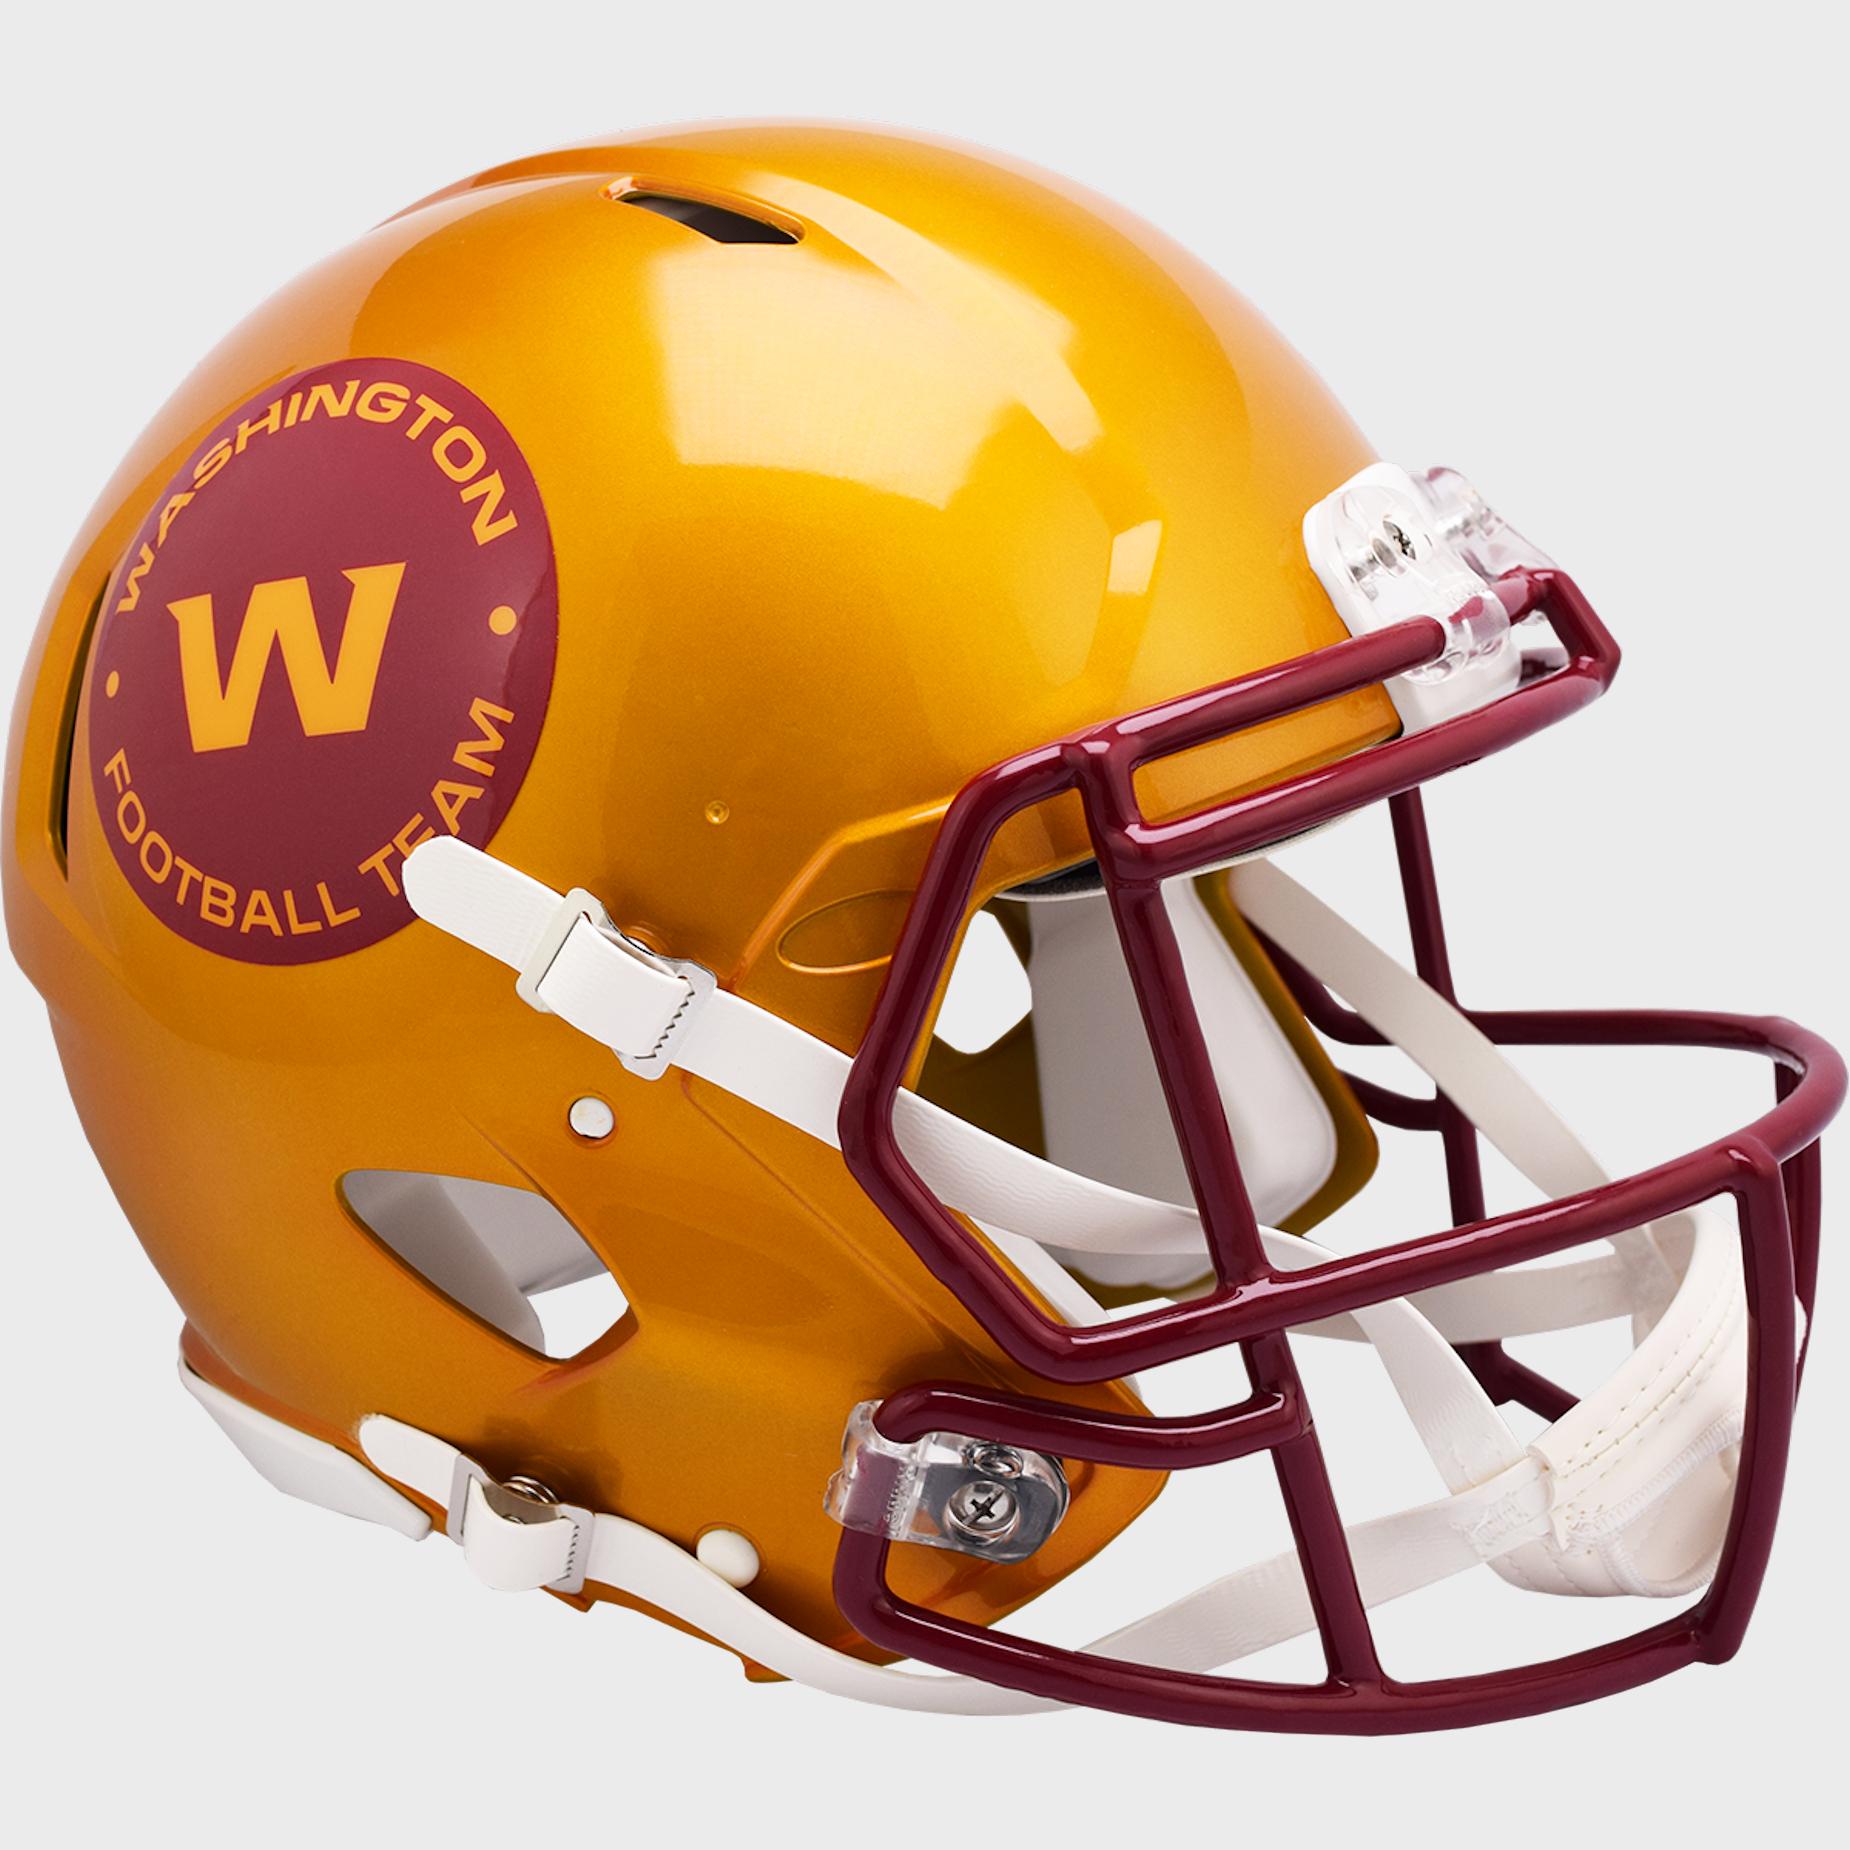 Washington Football Team Speed Football Helmet <B>FLASH ESD 8/21/21</B>